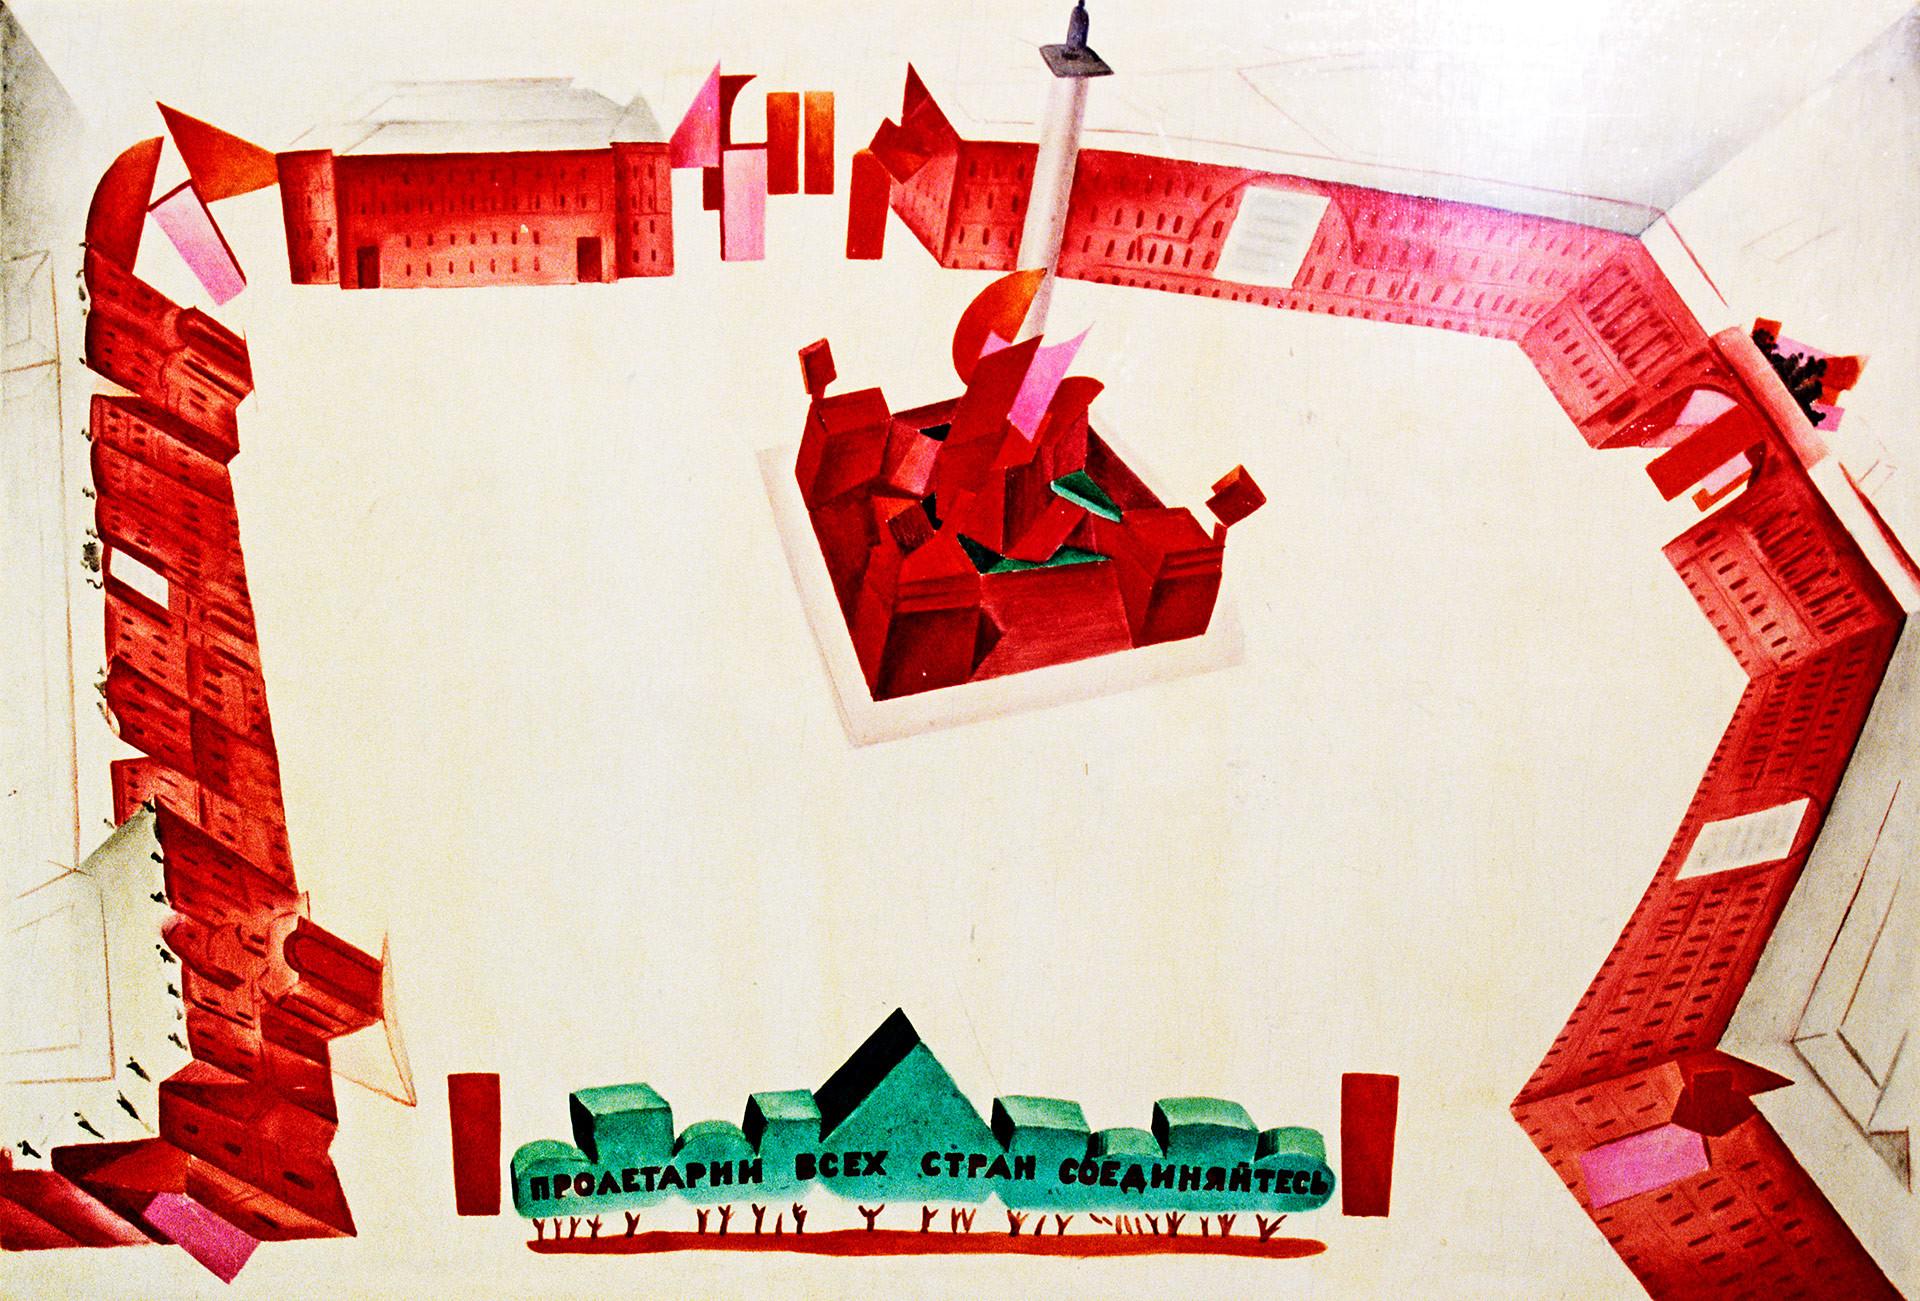 Скица декора за Дворски трг авангардног сликара Натана Алтмана (1889-1970). Рудолф Кучеров.